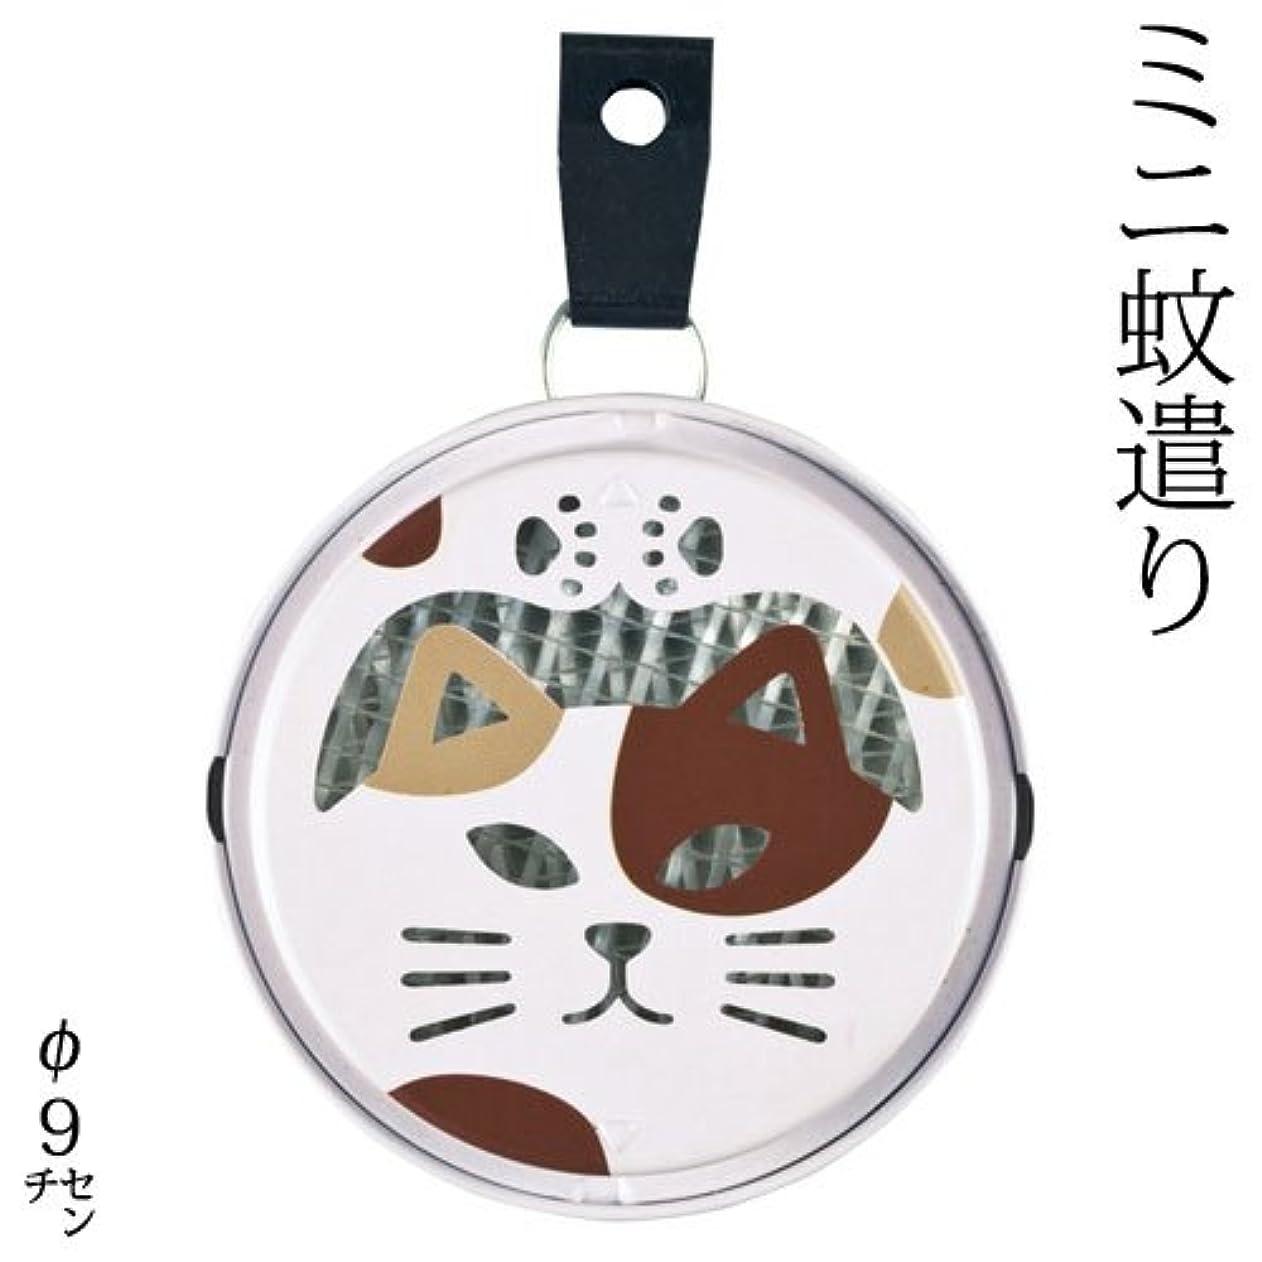 一般的に言えば旧正月お誕生日DECOLEポータブルミニ蚊遣り三毛猫 (SK-13931)吊り下げ?床置き対応Portable mini Kayari